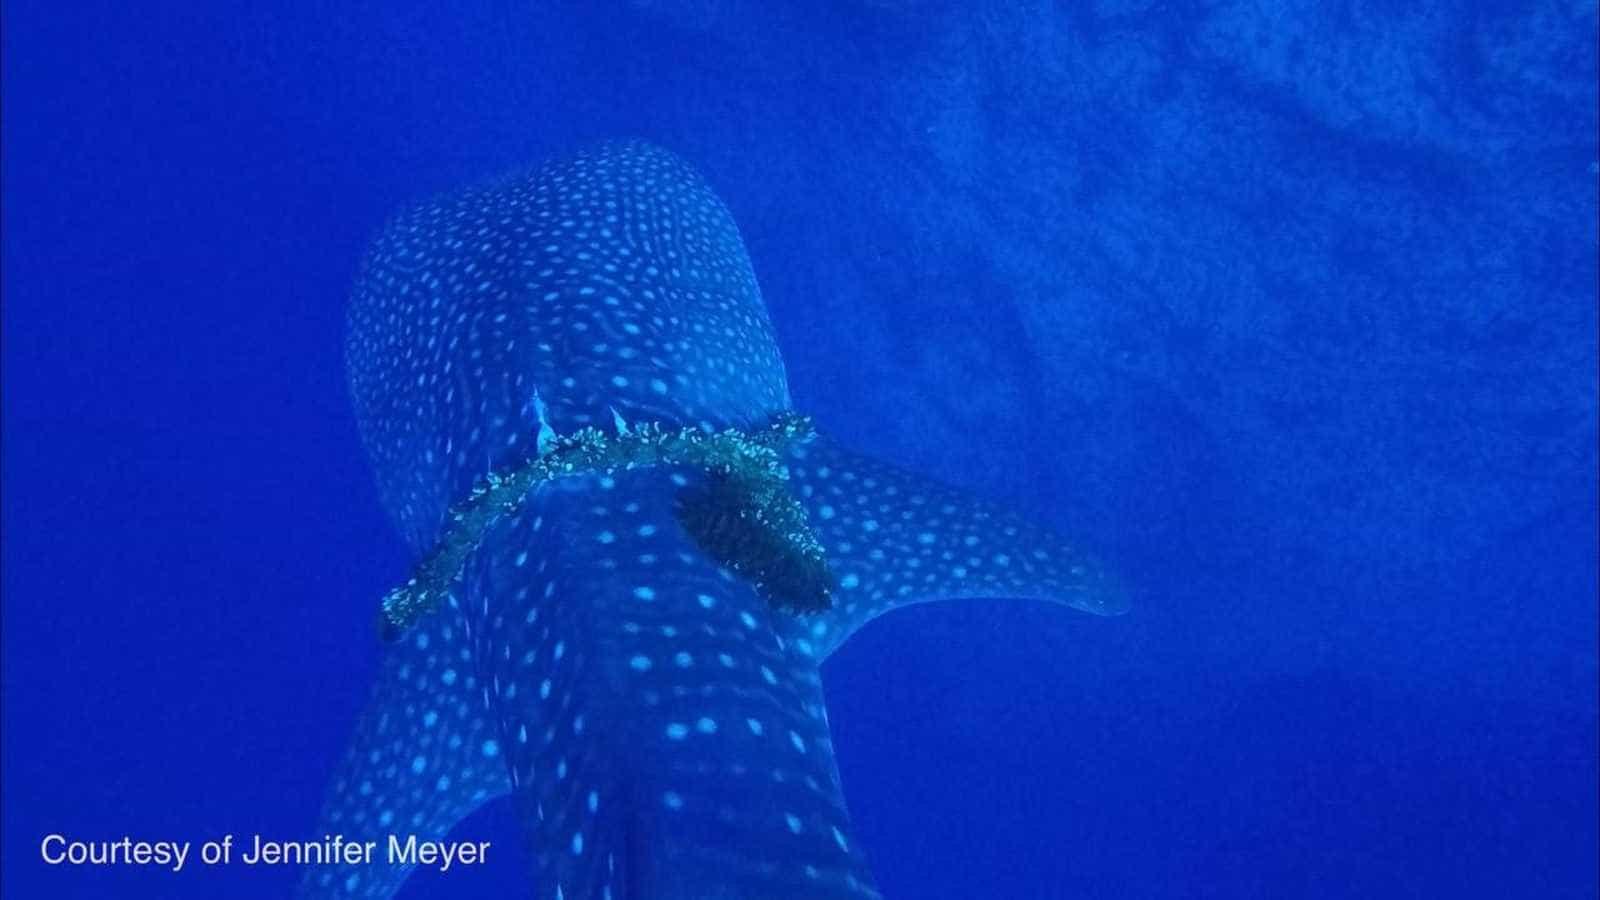 Mergulhadores salvam tubarão-baleia com corda presa ao redor do corpo